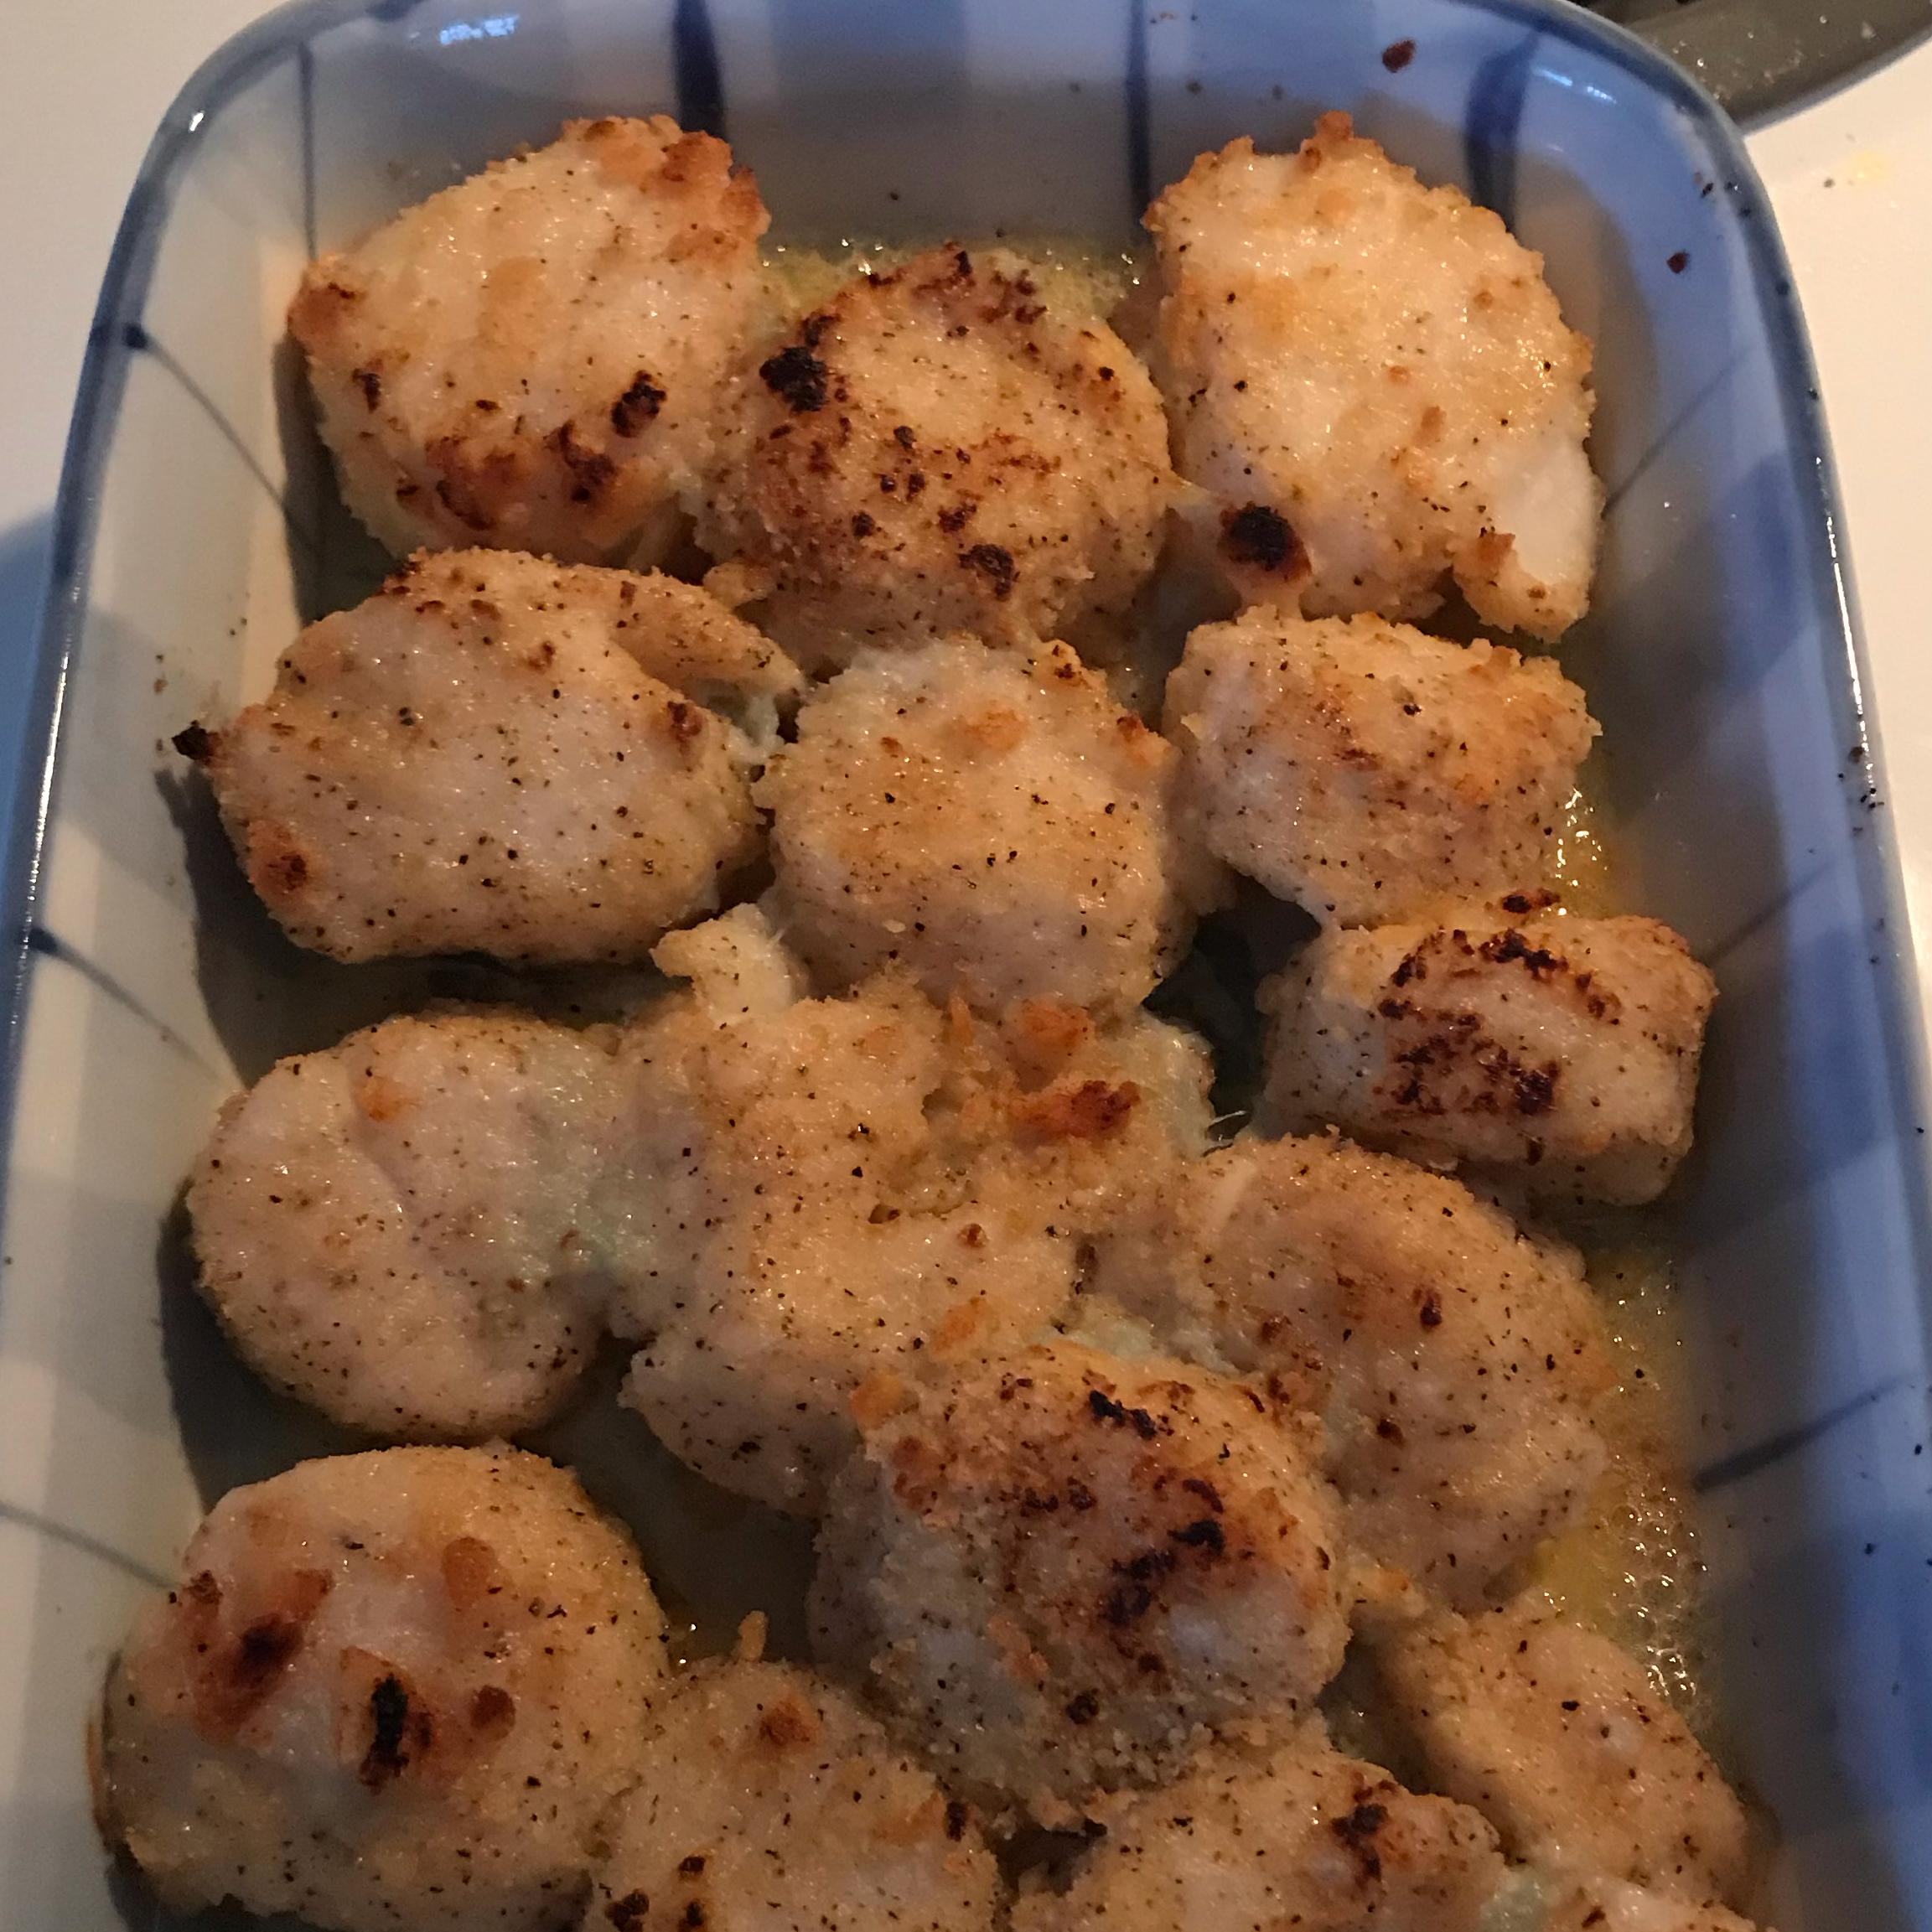 Dinah's Baked Scallops